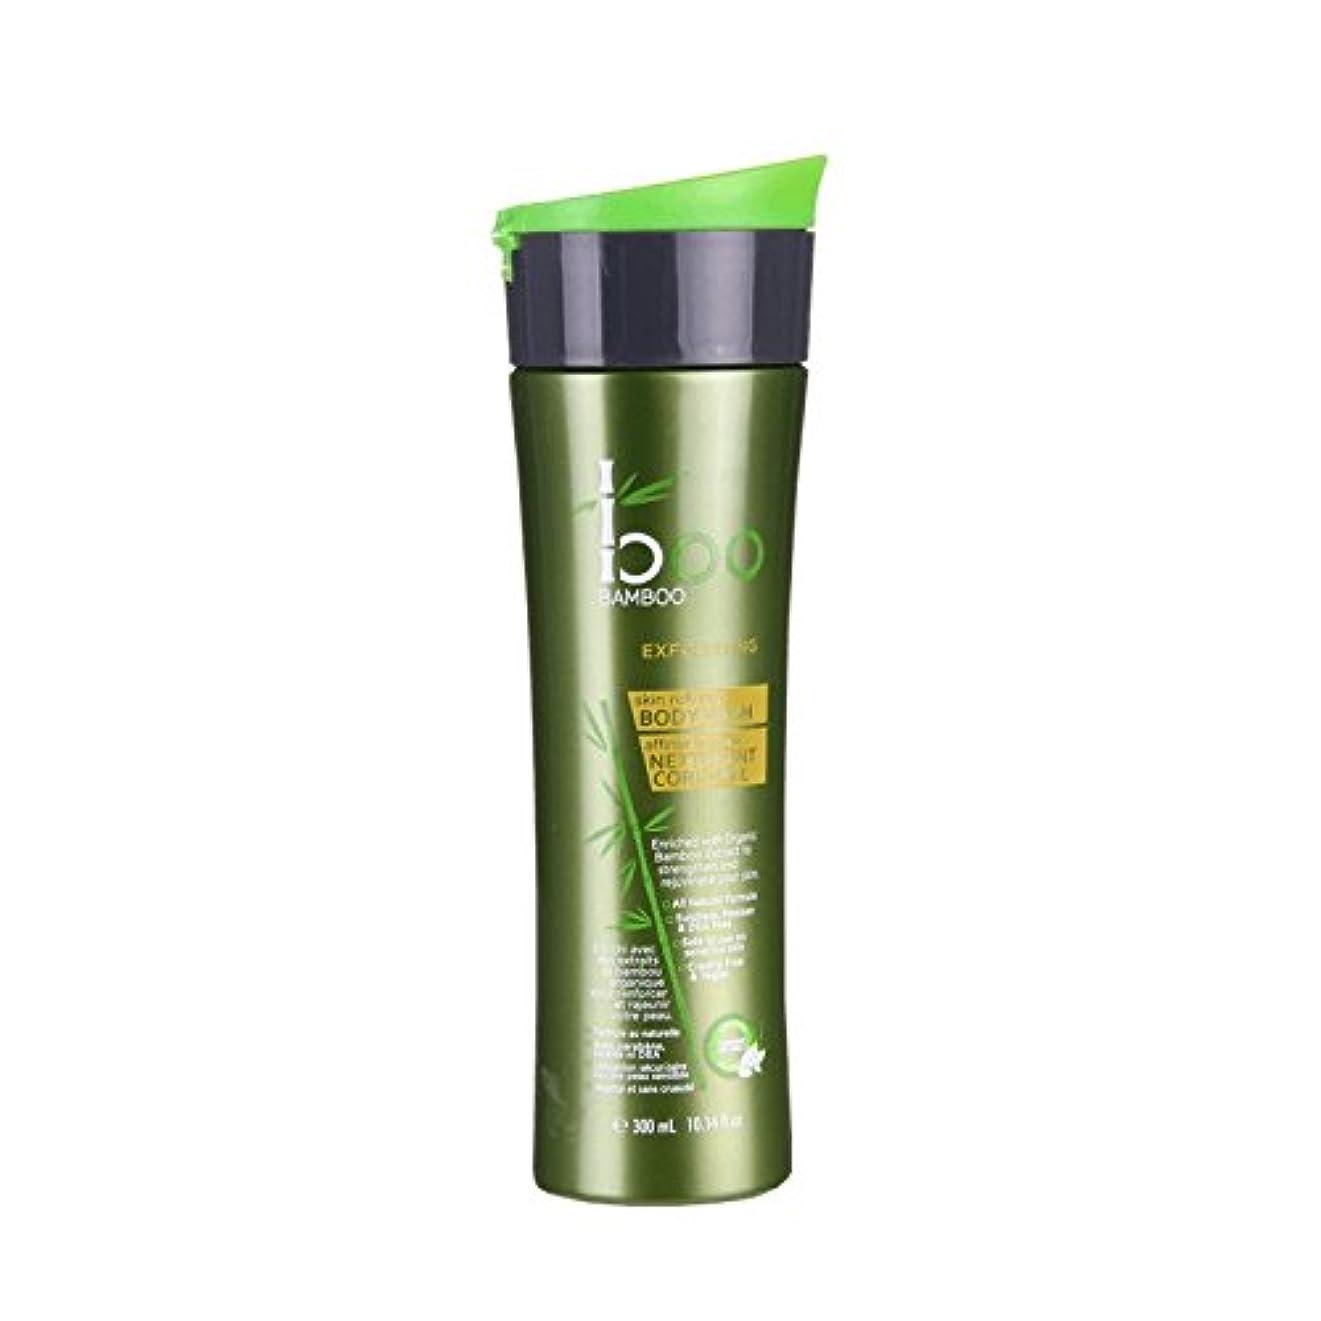 労働祝福する成り立つBoo Bamboo Exfoliating Body Wash 300ml (Pack of 2) - 竹ピーリングボディウォッシュ300ミリリットルブーイング (x2) [並行輸入品]